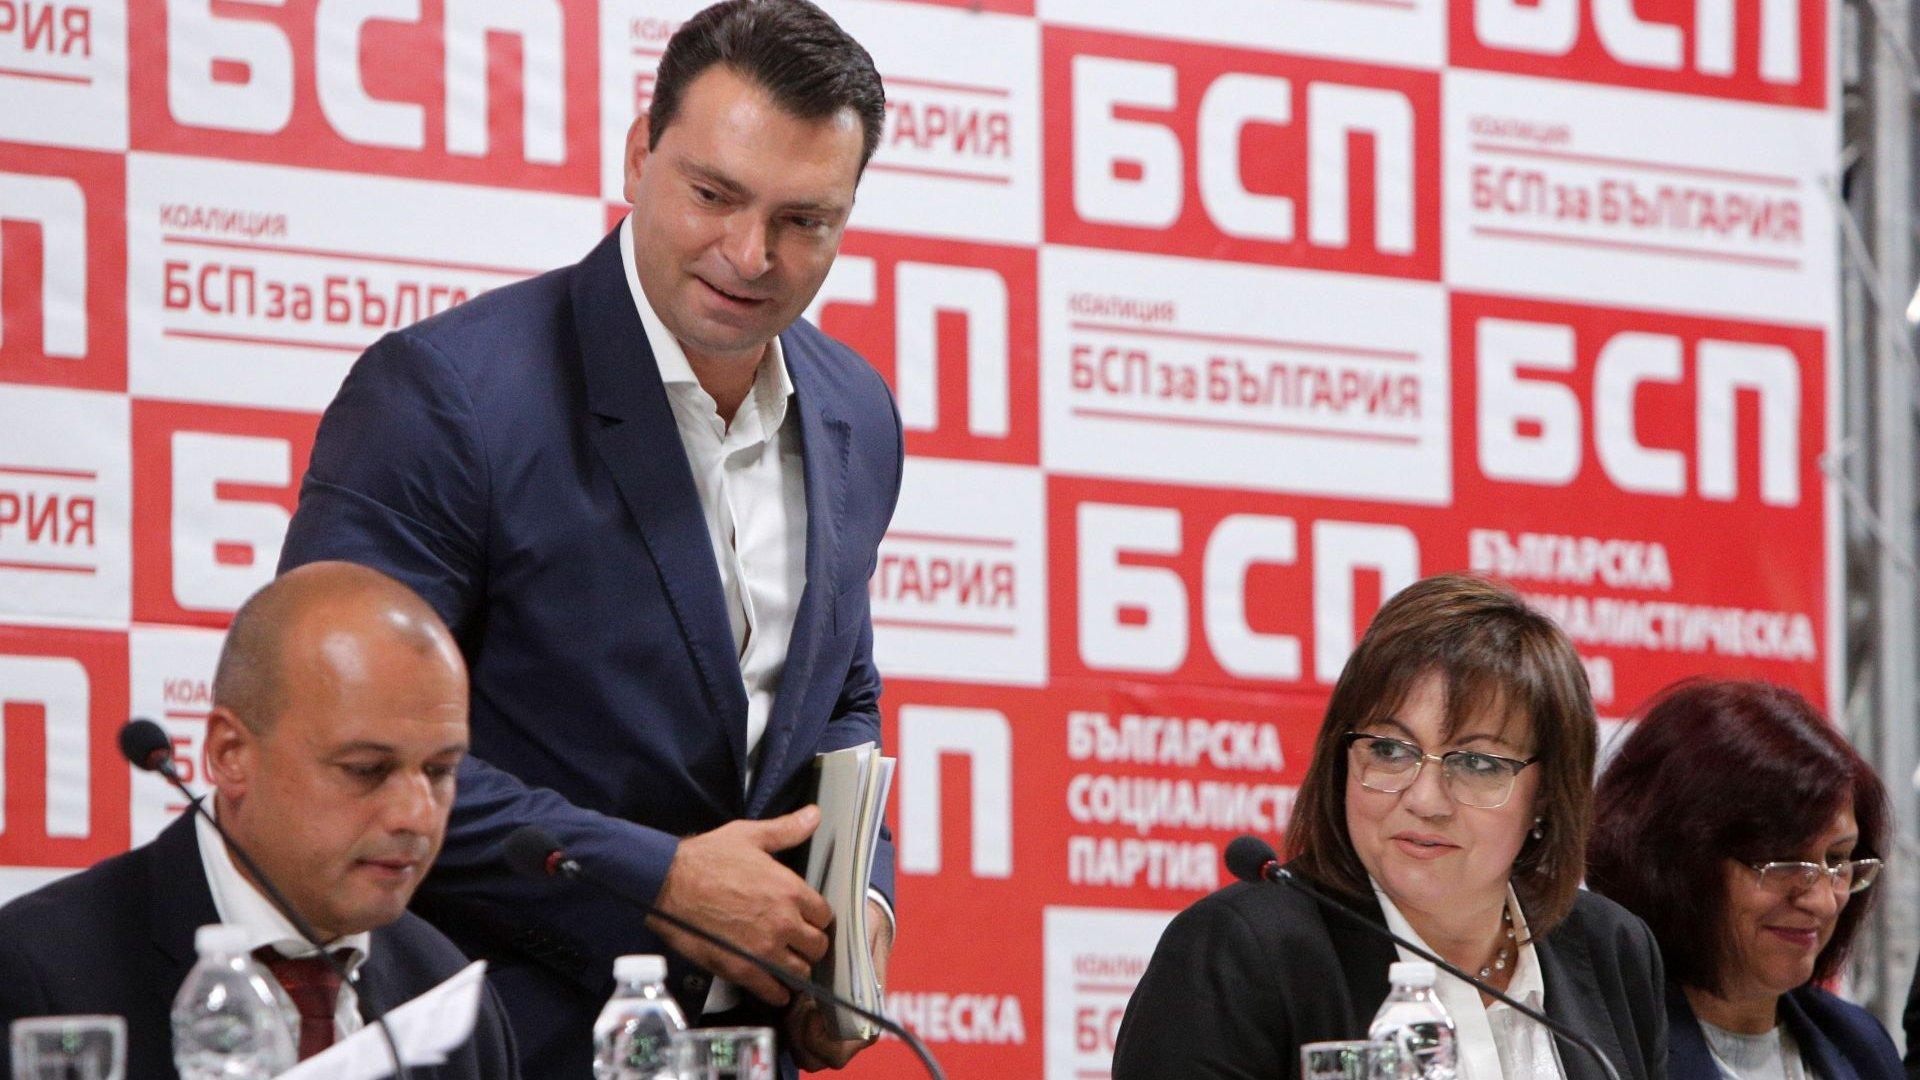 БСП-София подреди листата си за общински съветници - ето ги кандидатите